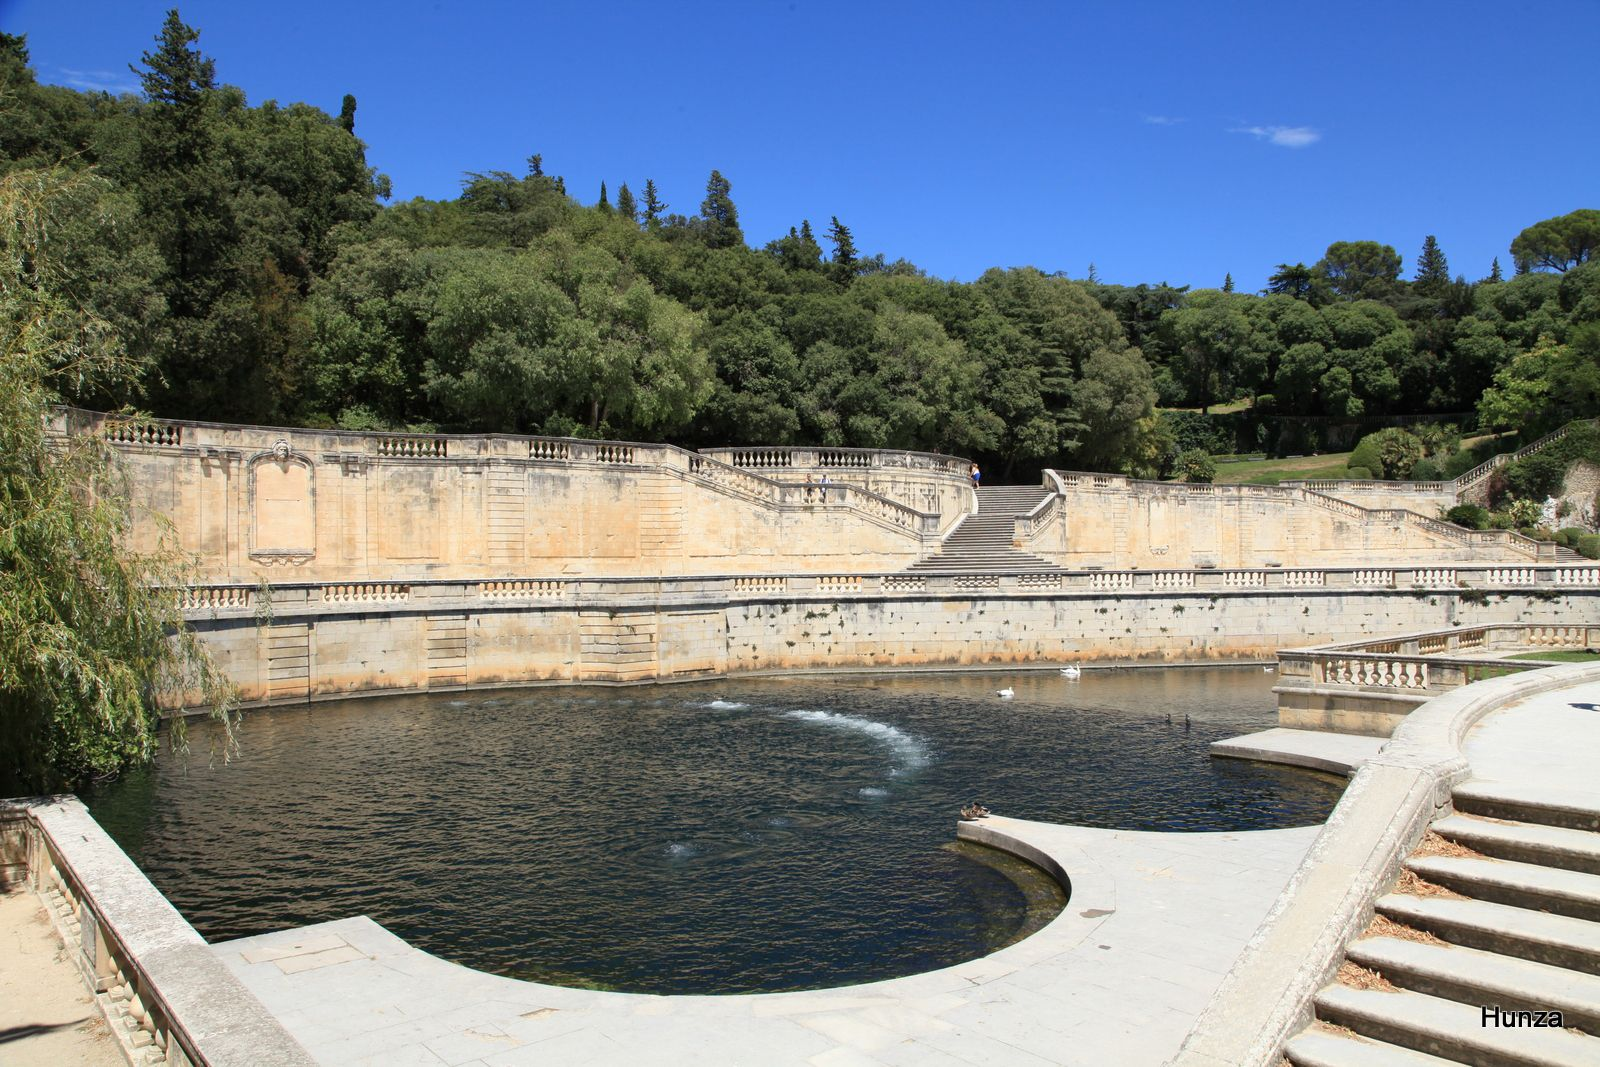 La vasque où jaillit la source du jardin de la Fontaine qui est une résurgence karstique